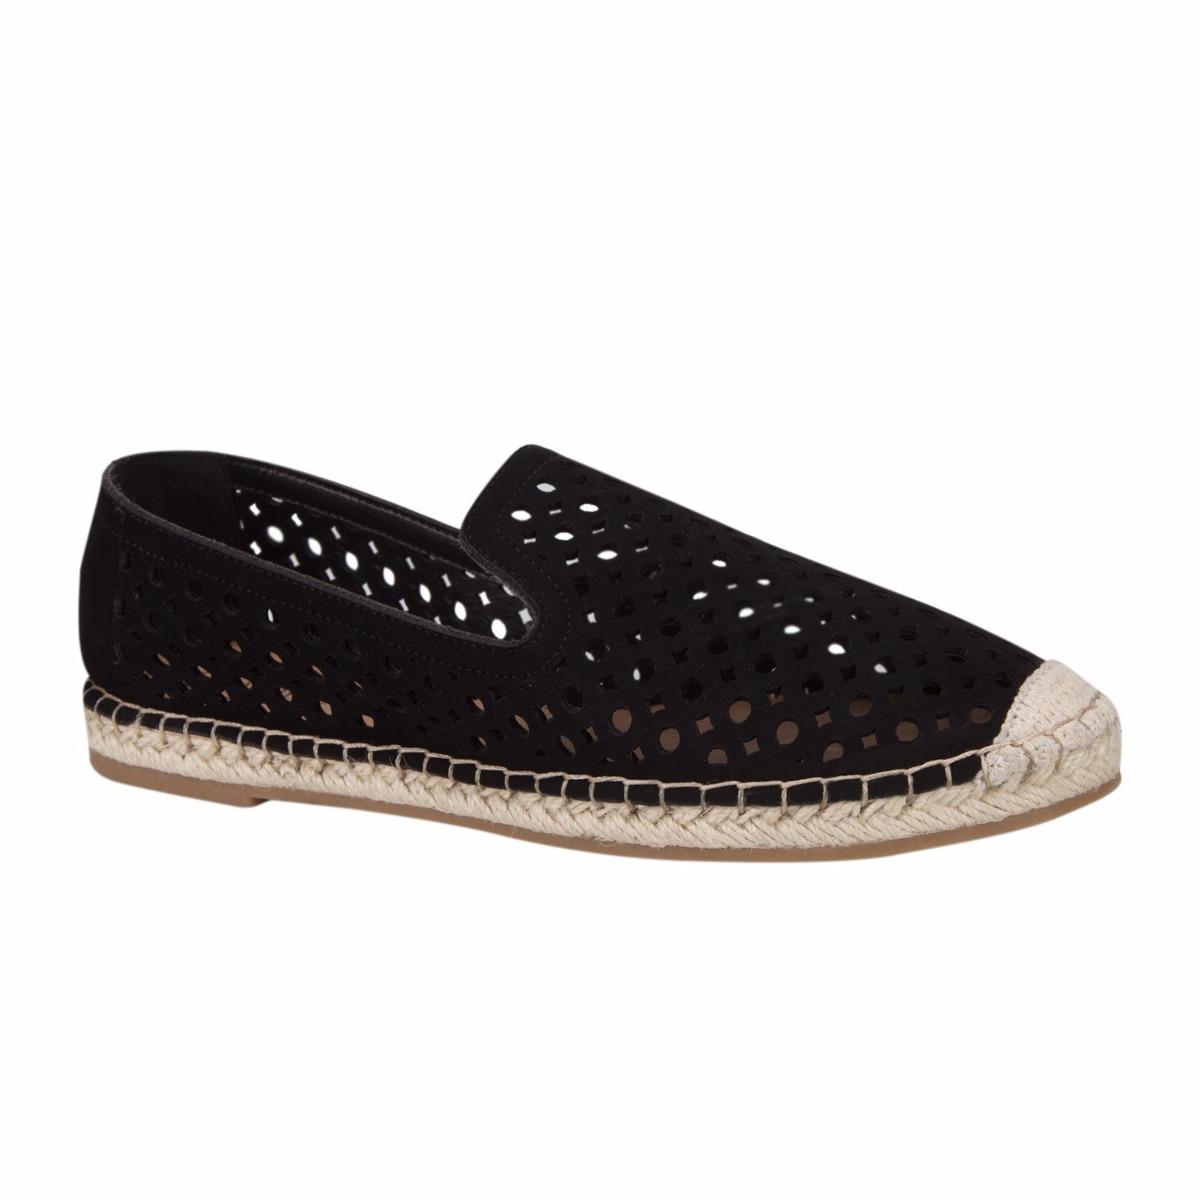 6914c46367d69 Zapato Comodo Para Dama Saturday Ad8010 -   599.00 en Mercado Libre